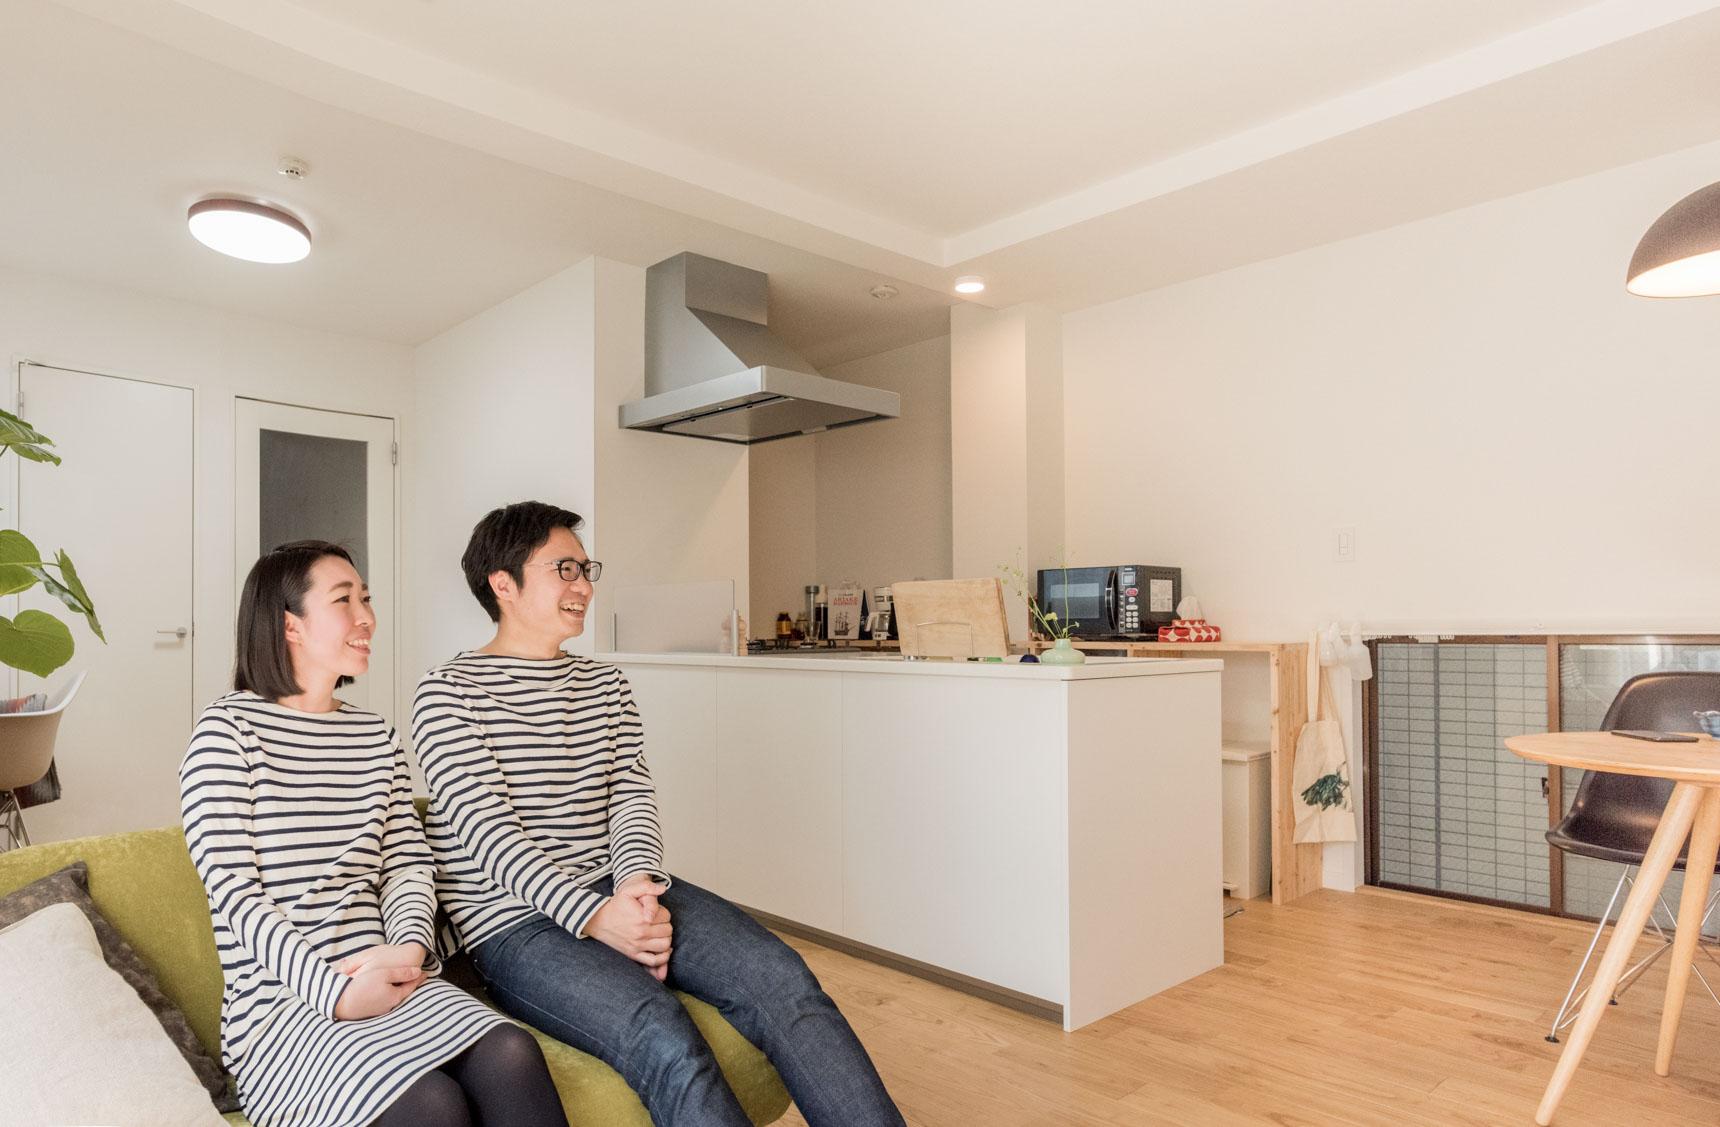 ソファに座ると、キッチンの後ろにある棚は見えない。すっきりとあえて何も飾らない白い壁が見え、部屋がすっきりと広く感じる。